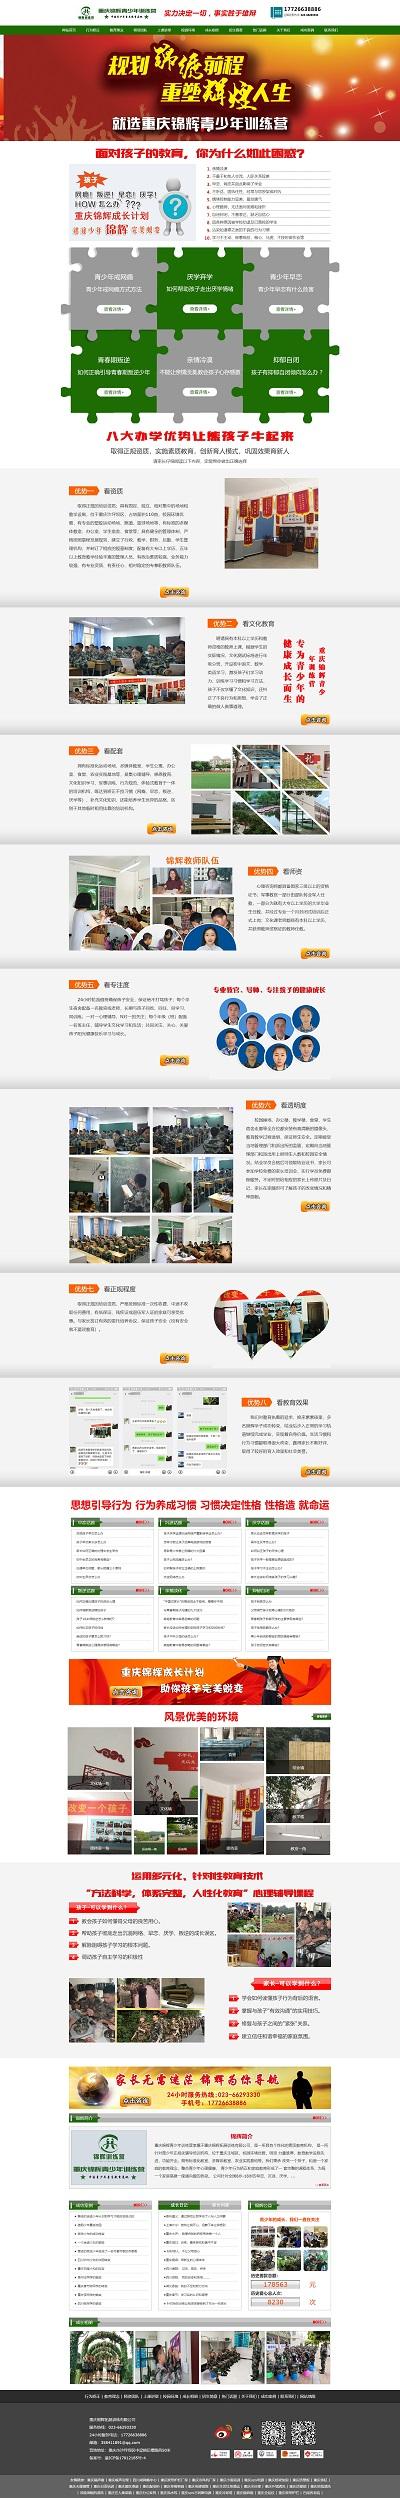 重庆锦辉青少年训练营网站建设案例